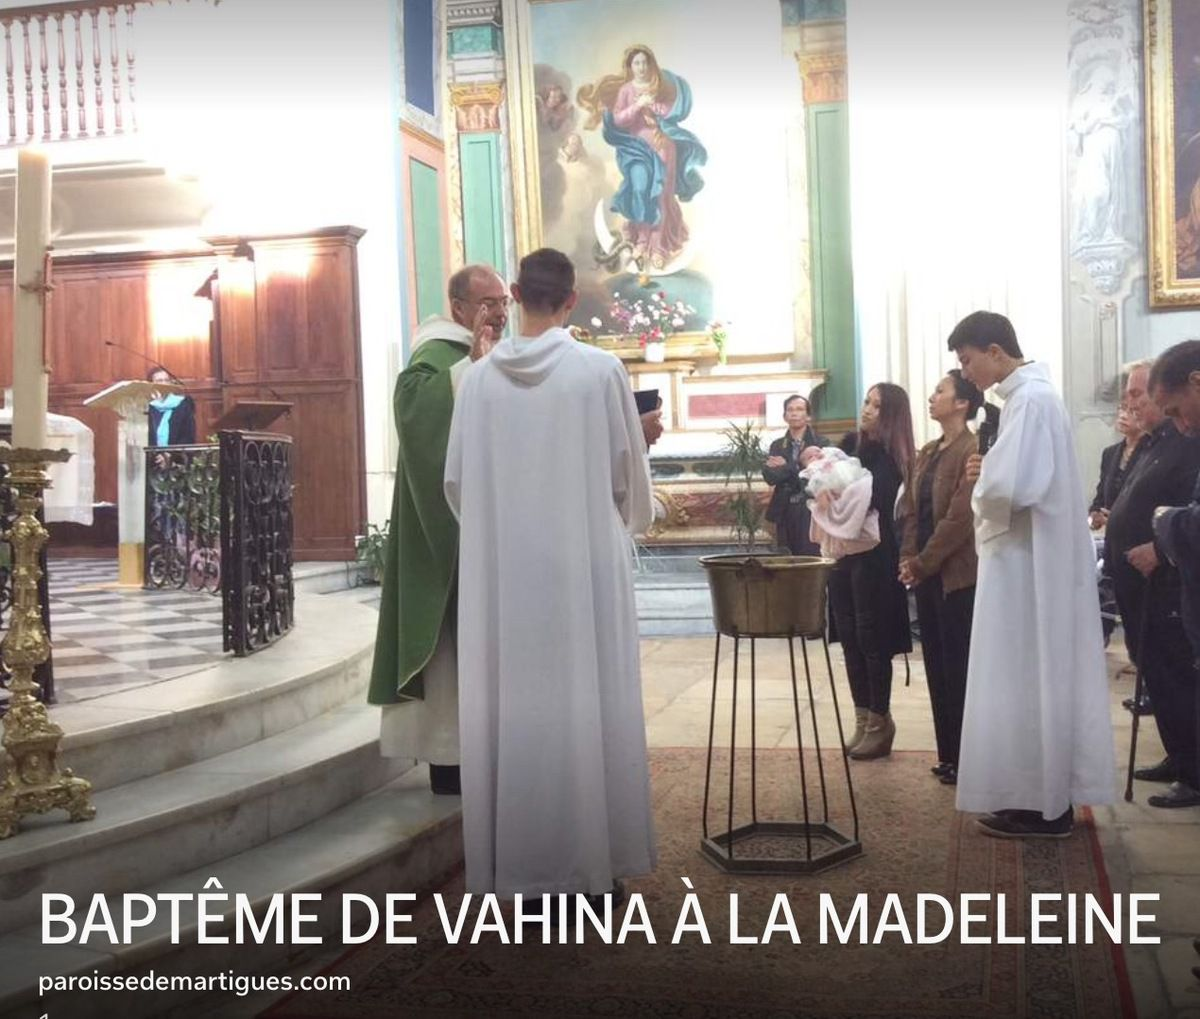 BAPTÊME DE VAHINA À LA MADELEINE